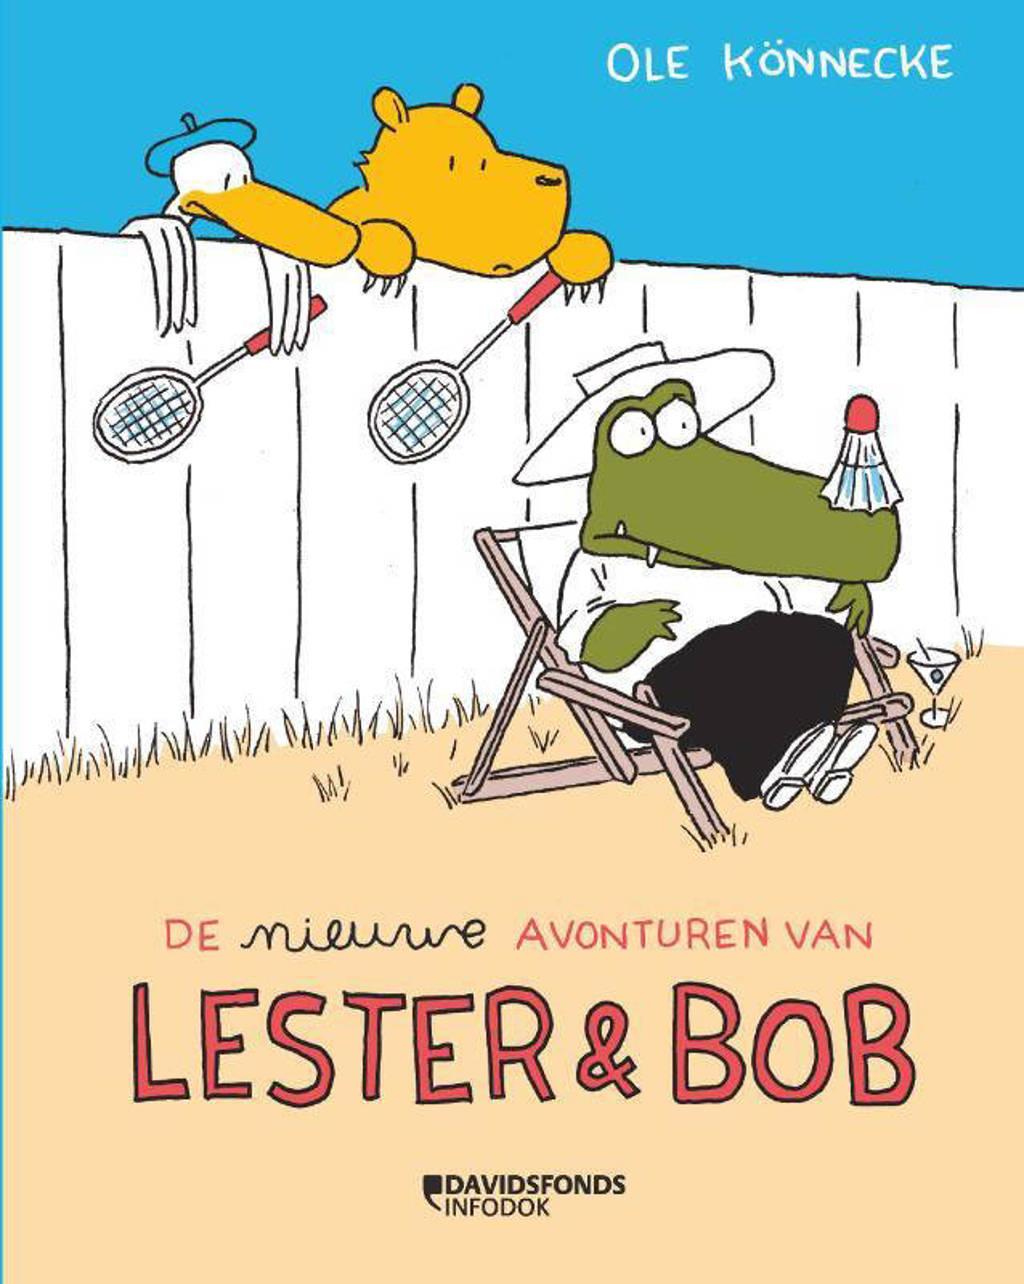 Lester en Bob: De nieuwe avonturen van Lester & Bob - Ole Könnecke